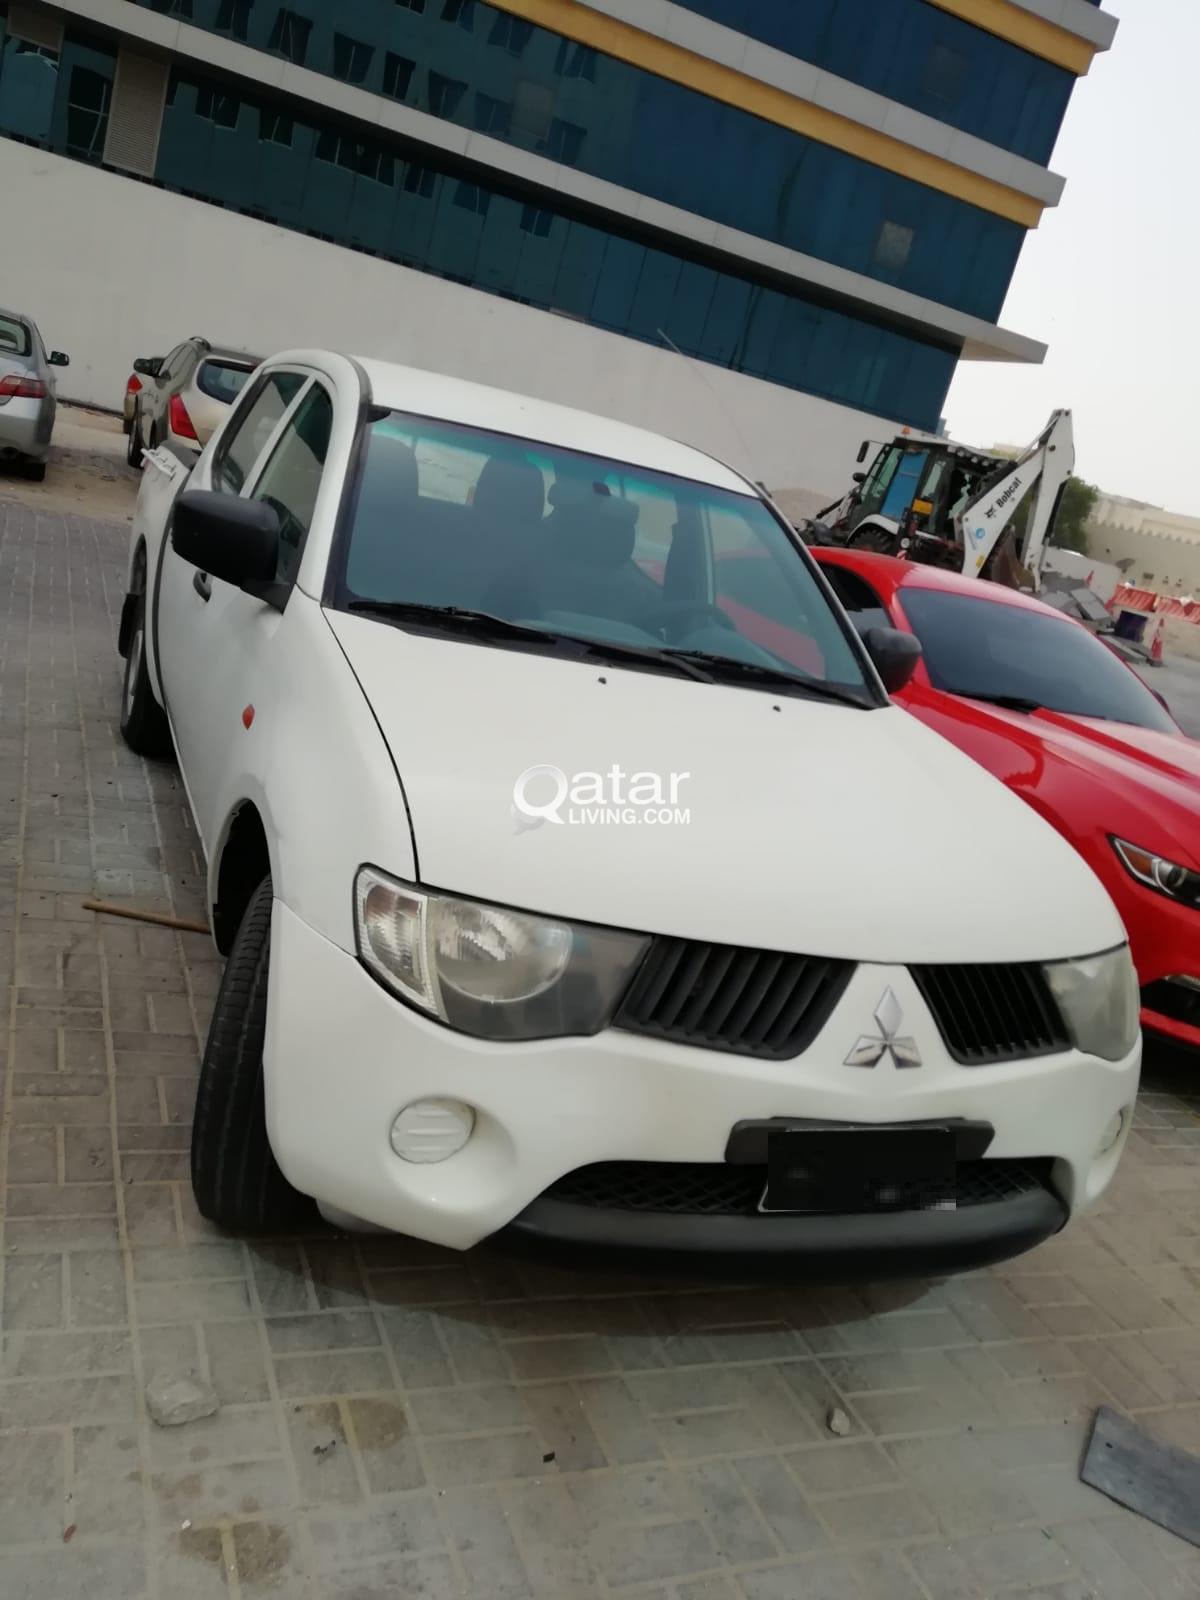 Mitsubishi Diesel Pick Up L200 2009 Good Condition Qatar Living Grill Bumper Mistubishi L300 New Title